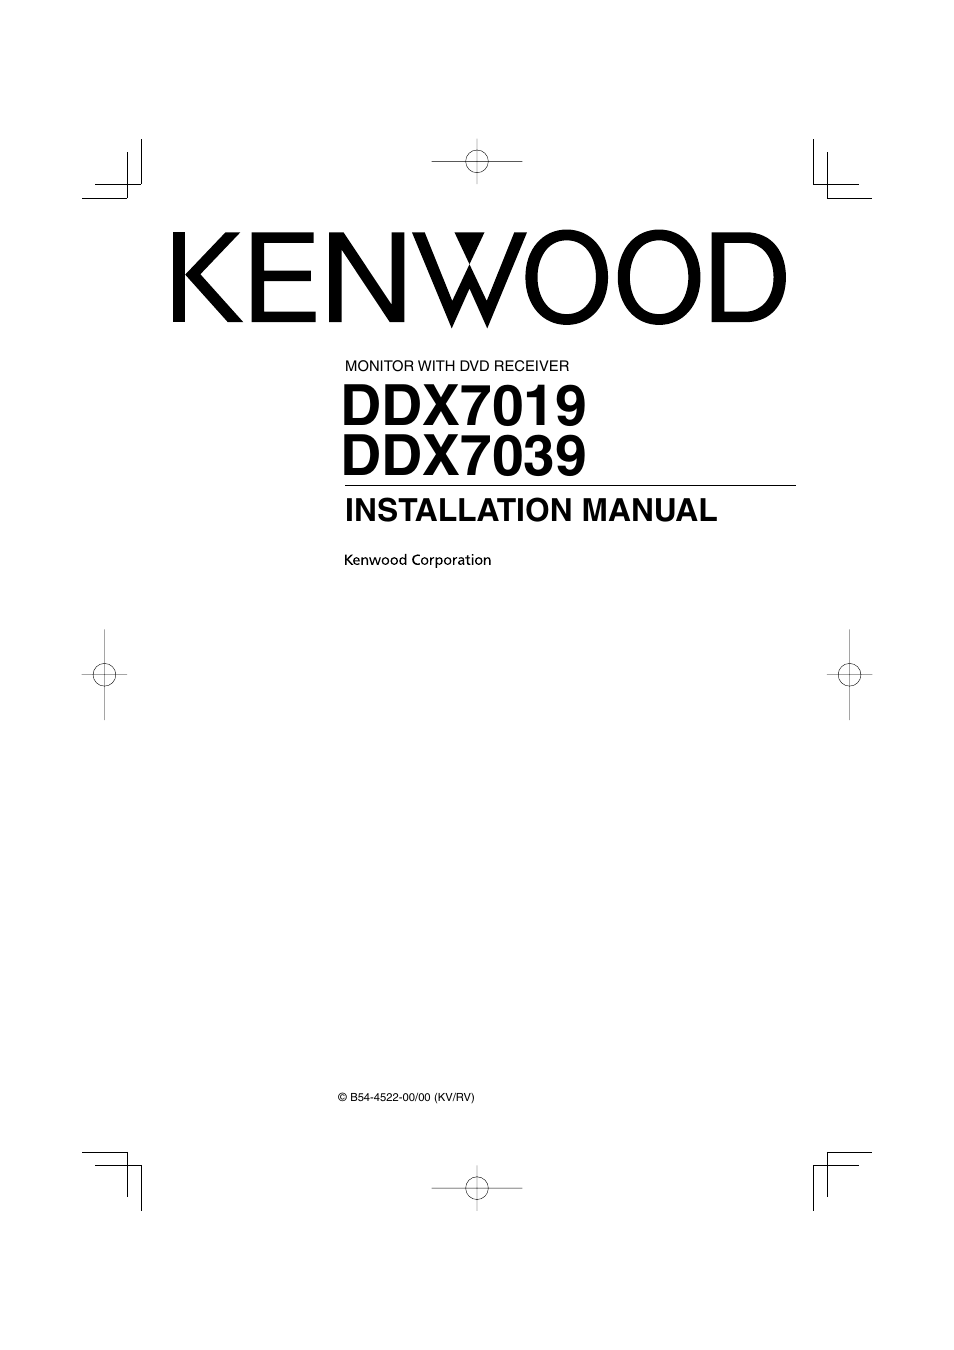 KENWOOD DDX7019 MANUAL PDF